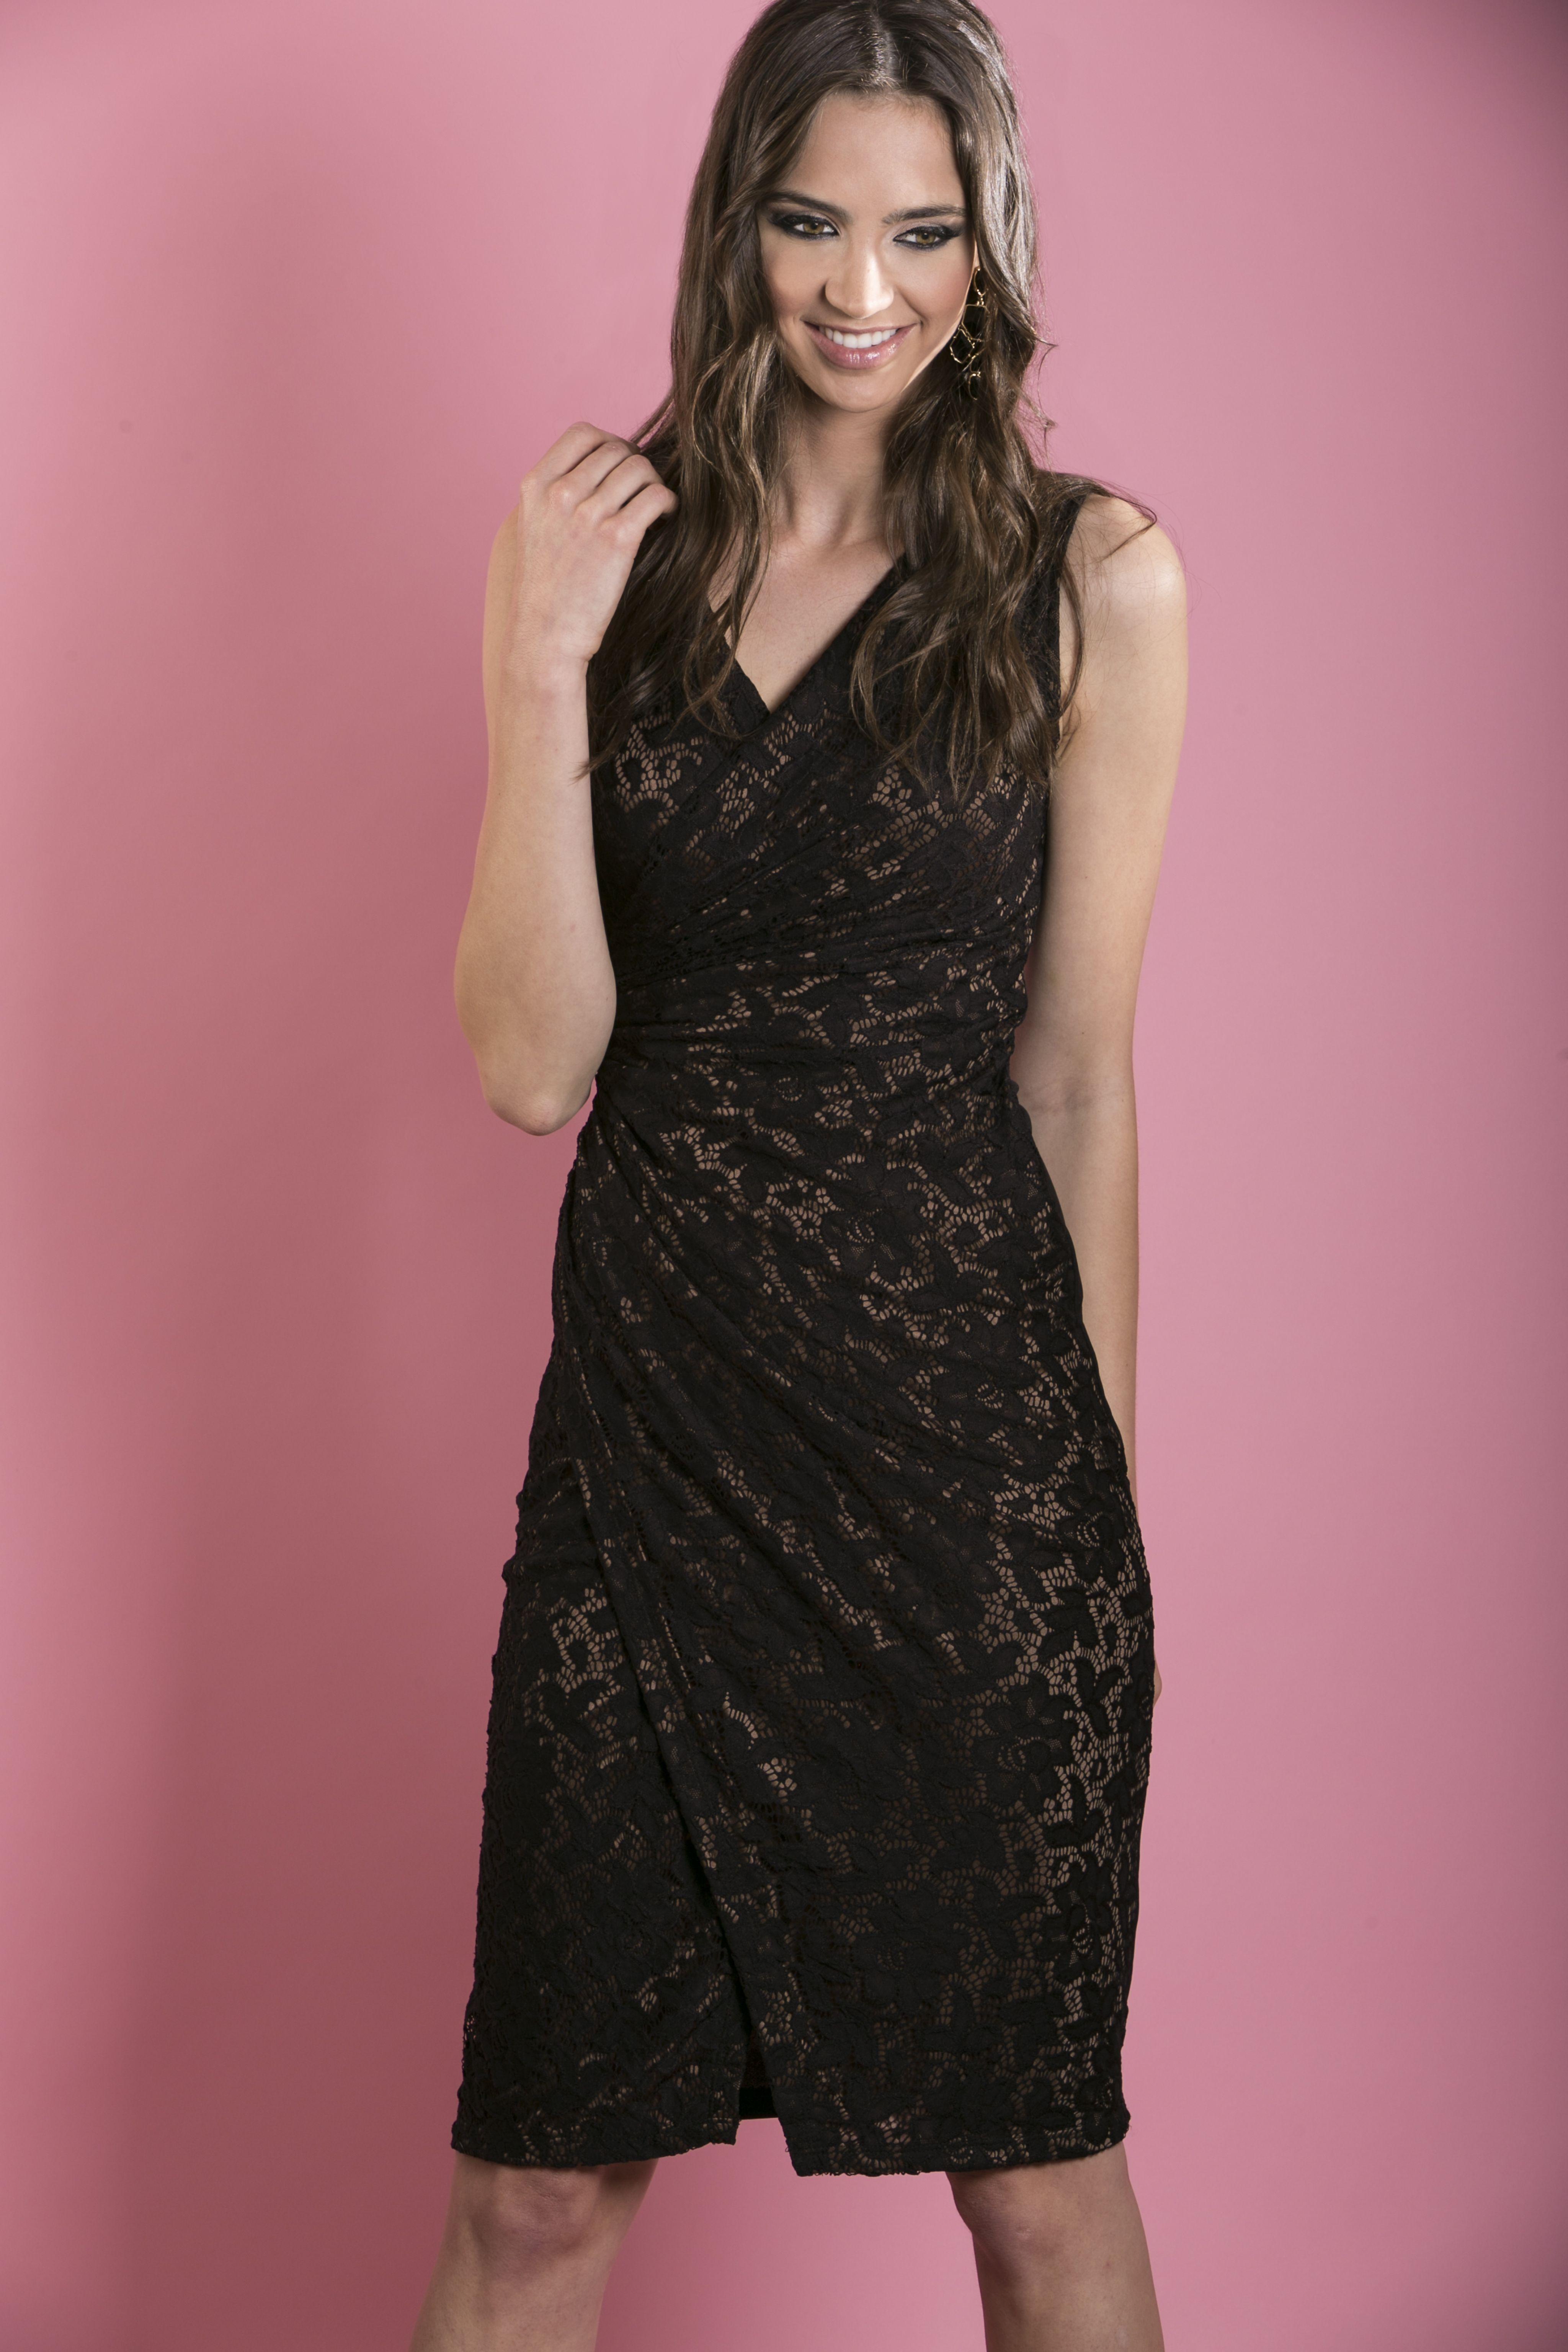 Vestido negro en encaje. | MODA | Pinterest | Encaje, Negro y Vestiditos